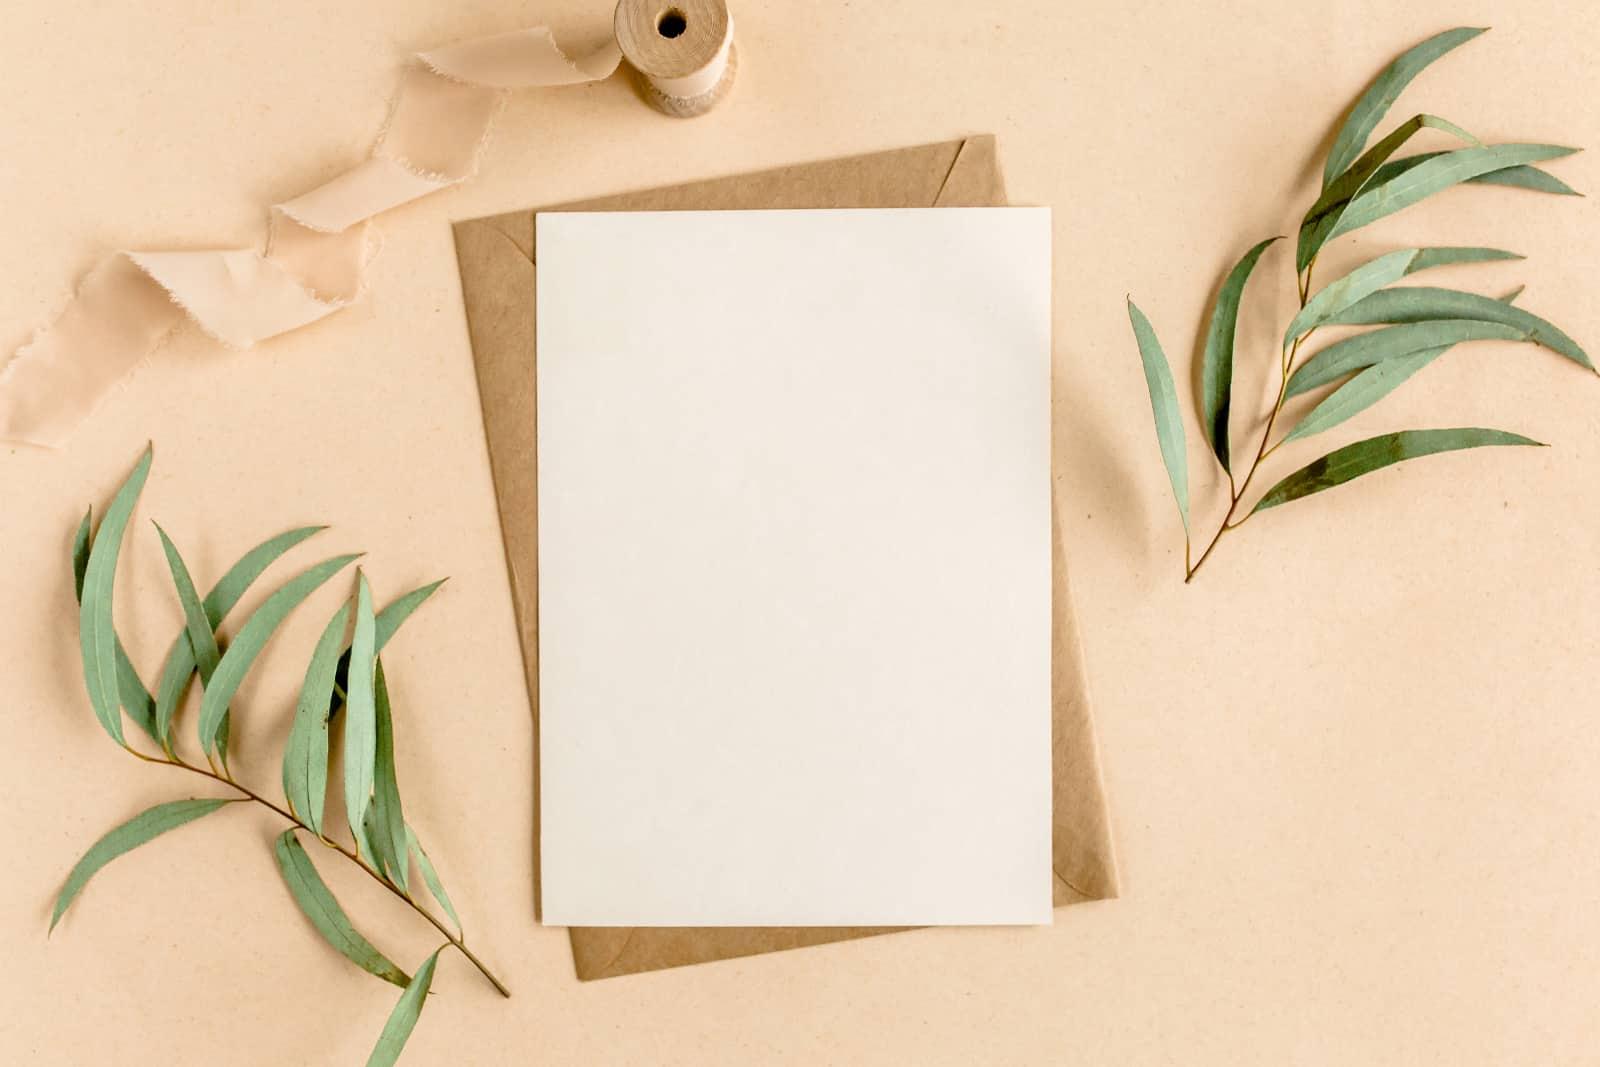 eine leere Grußkarte auf dem Tisch